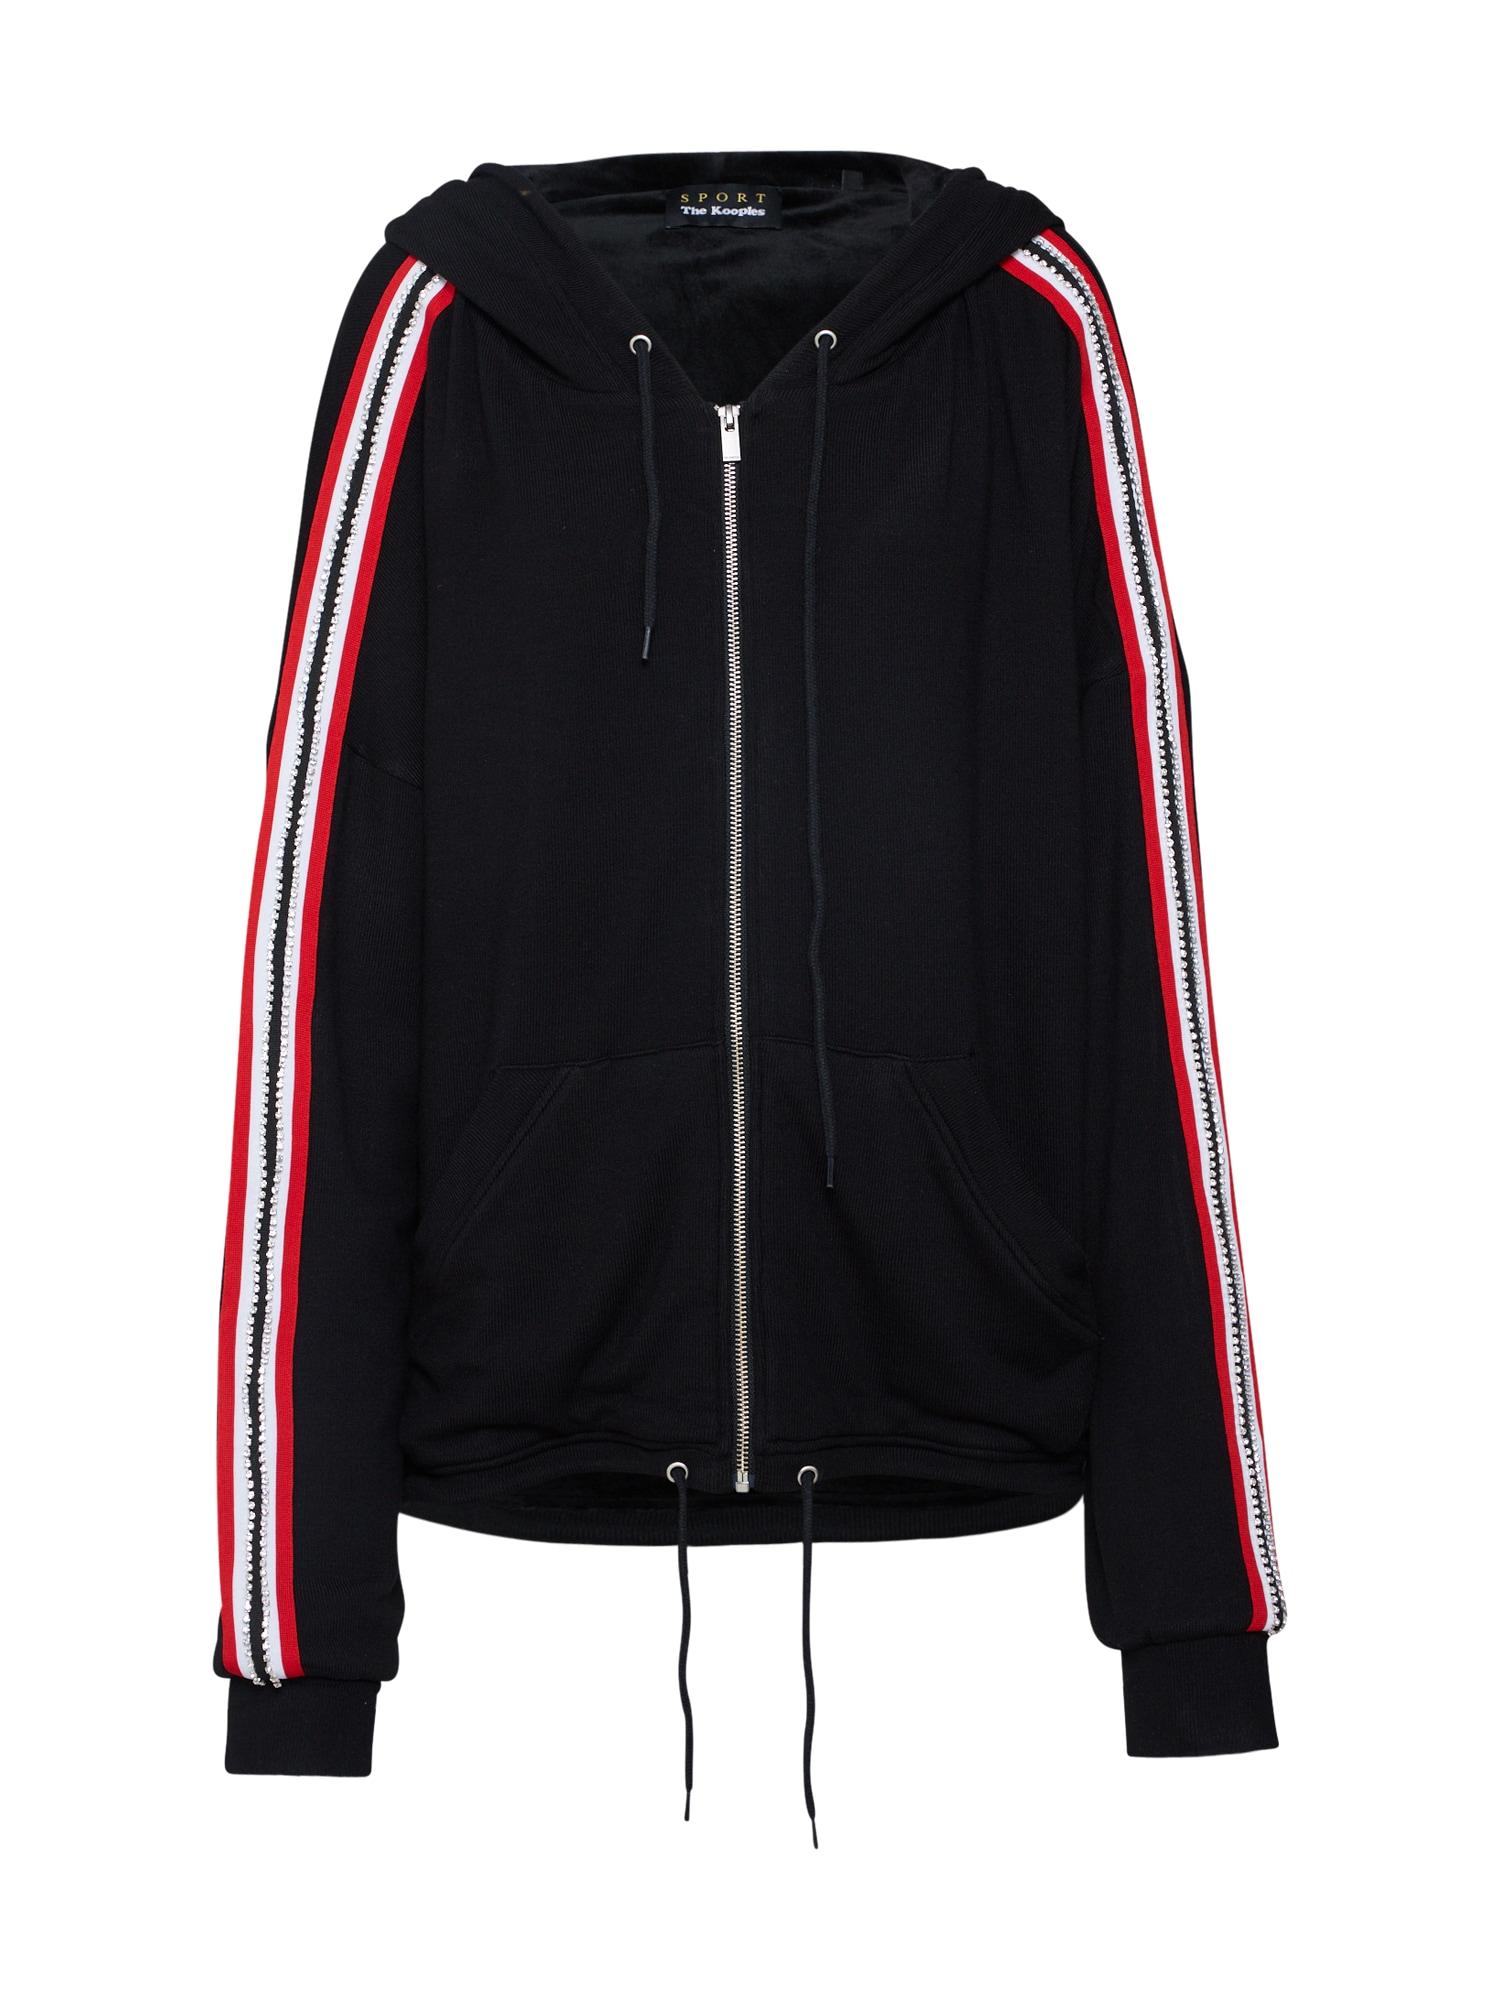 Mikina s kapucí červená černá THE KOOPLES SPORT